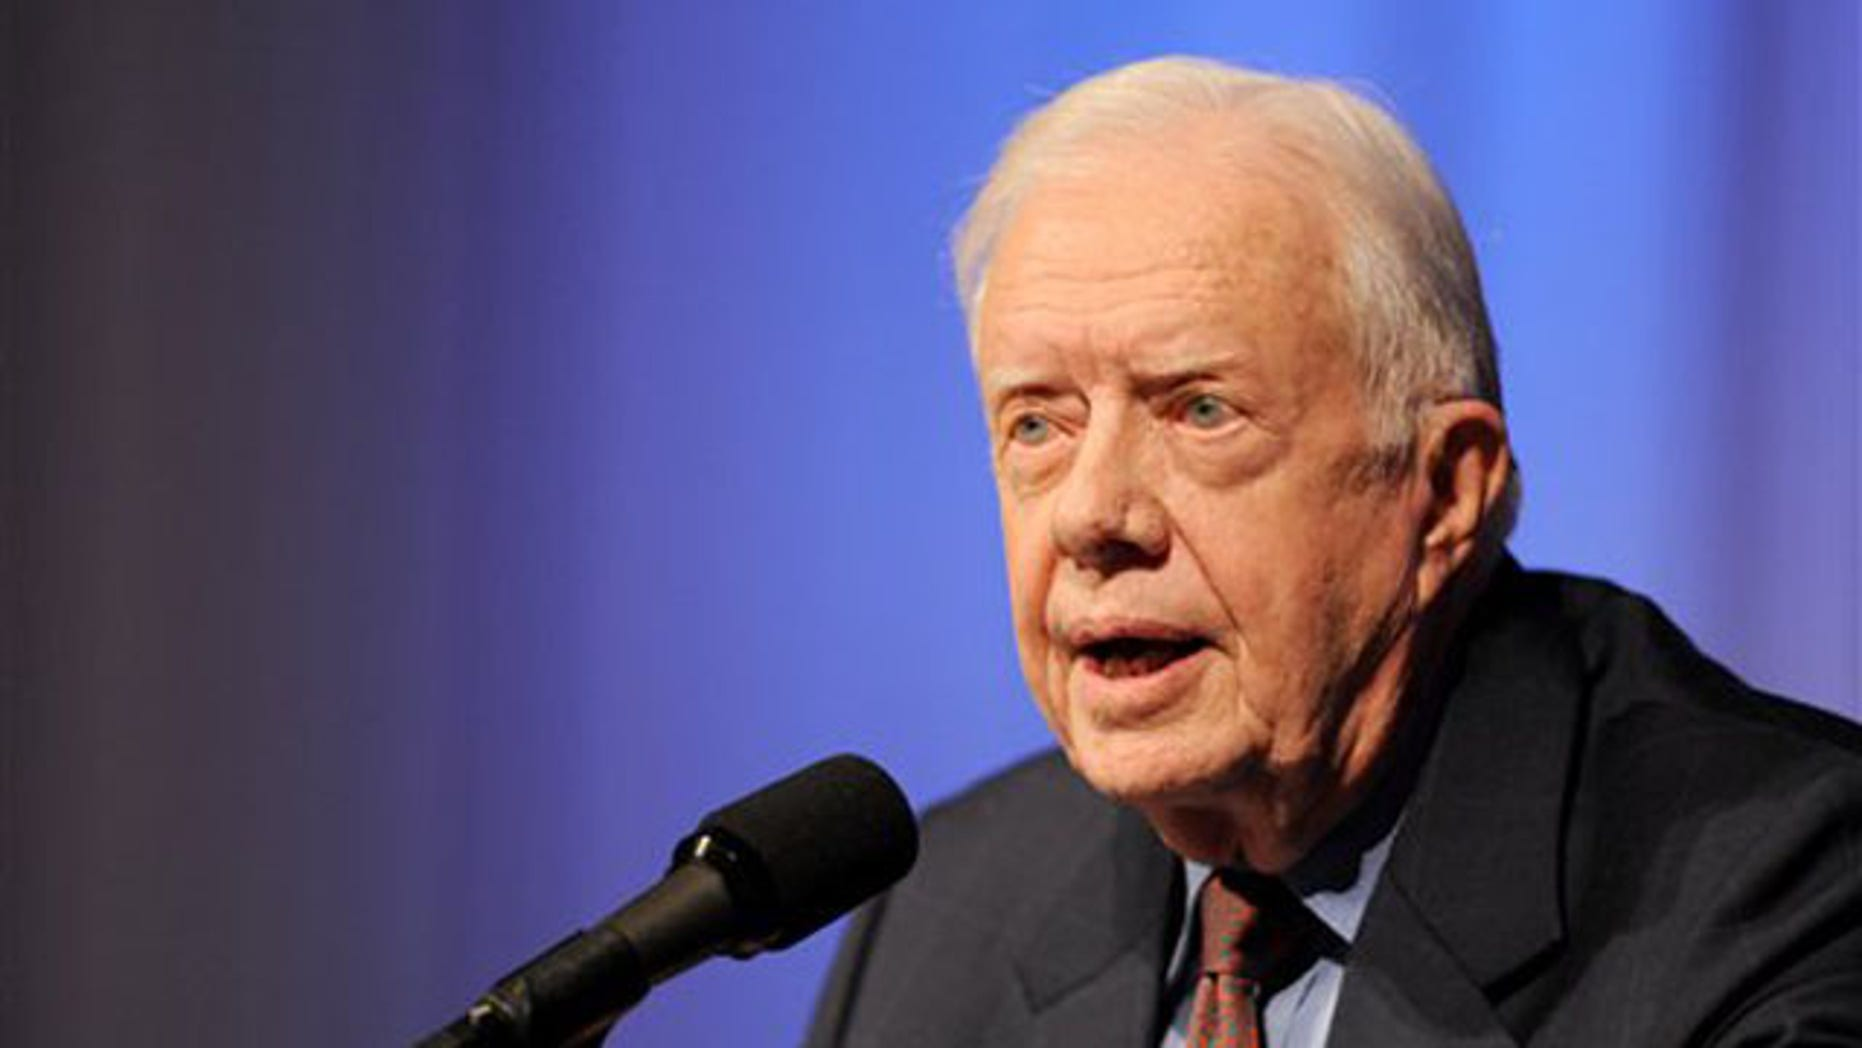 Former President Jimmy Carter speaks at The Carter Center Sept. 14 in Atlanta. (AP Photo)